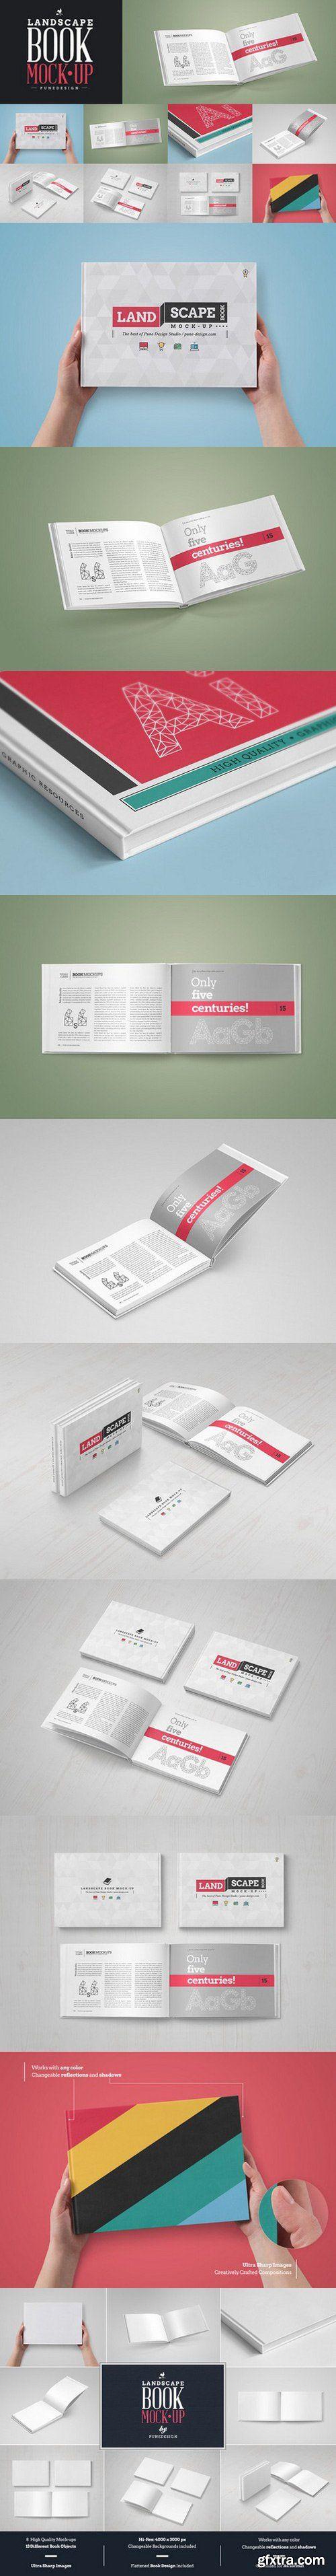 CM - Landscape Book Mock-Up Set 580946